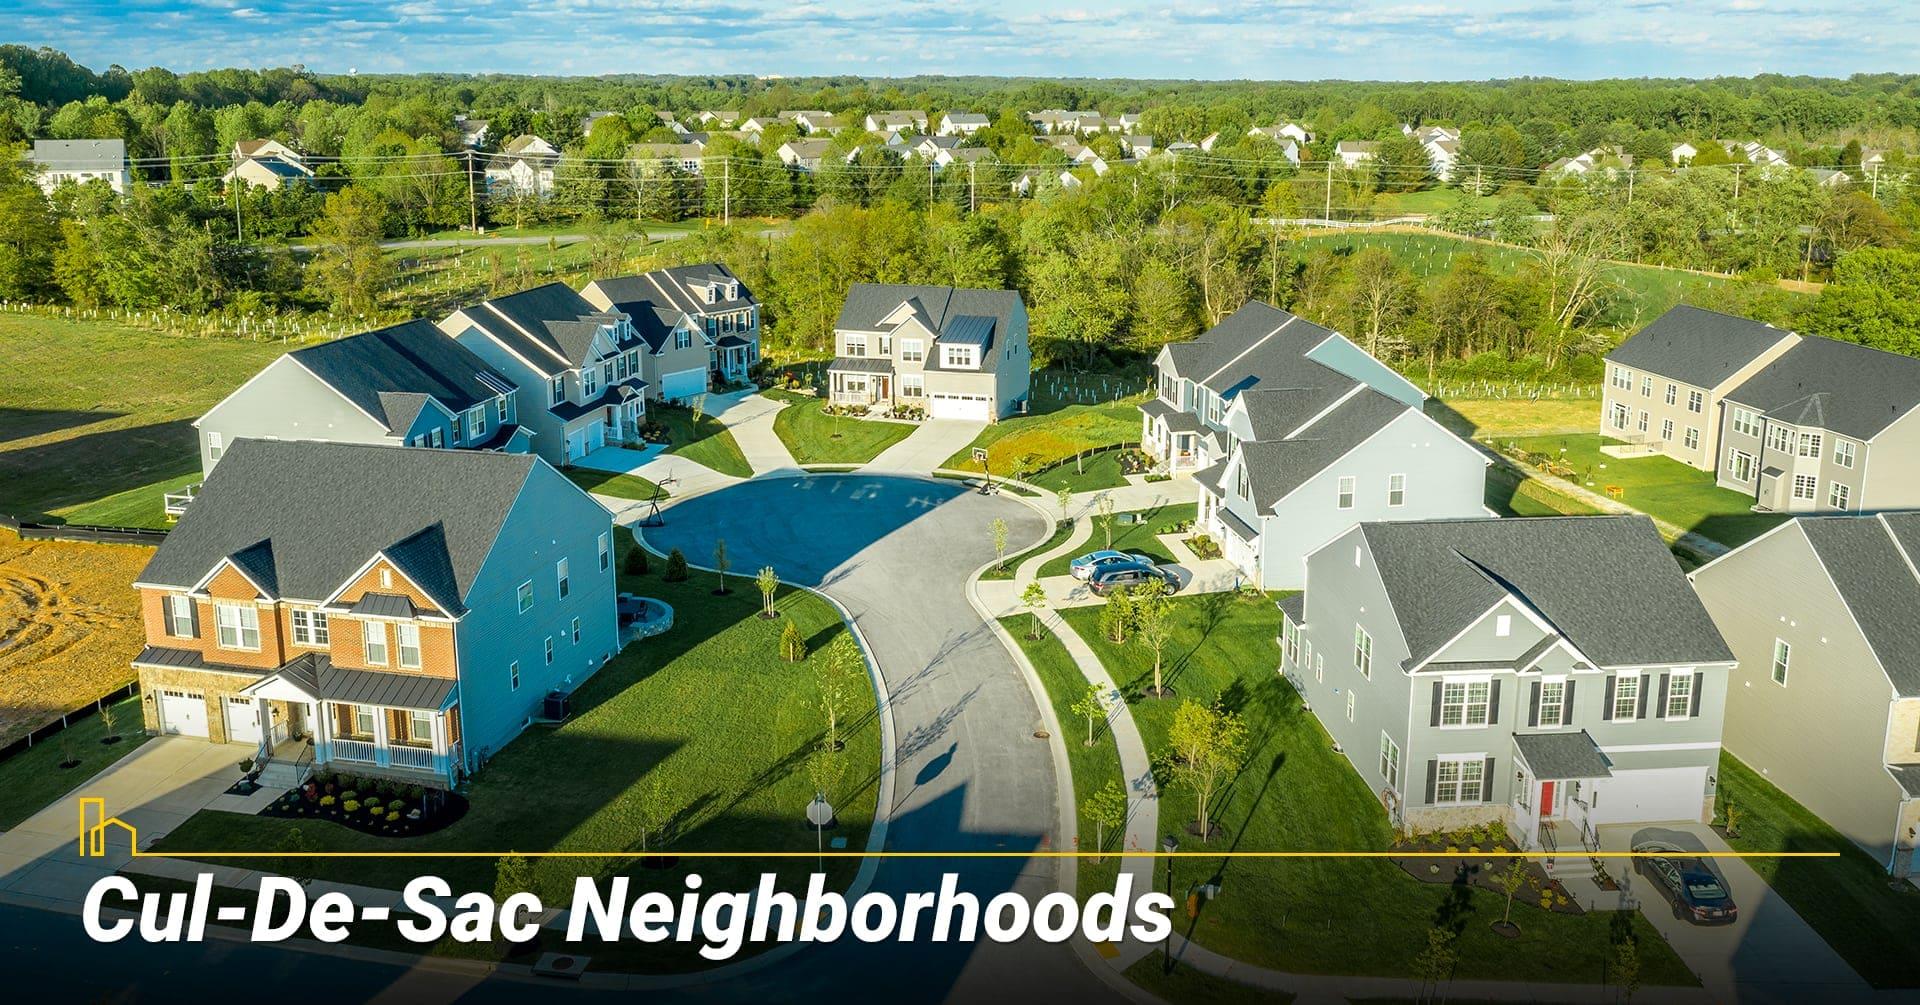 Cul-De-Sac Neighborhoods, living in a Cul-De-Sac